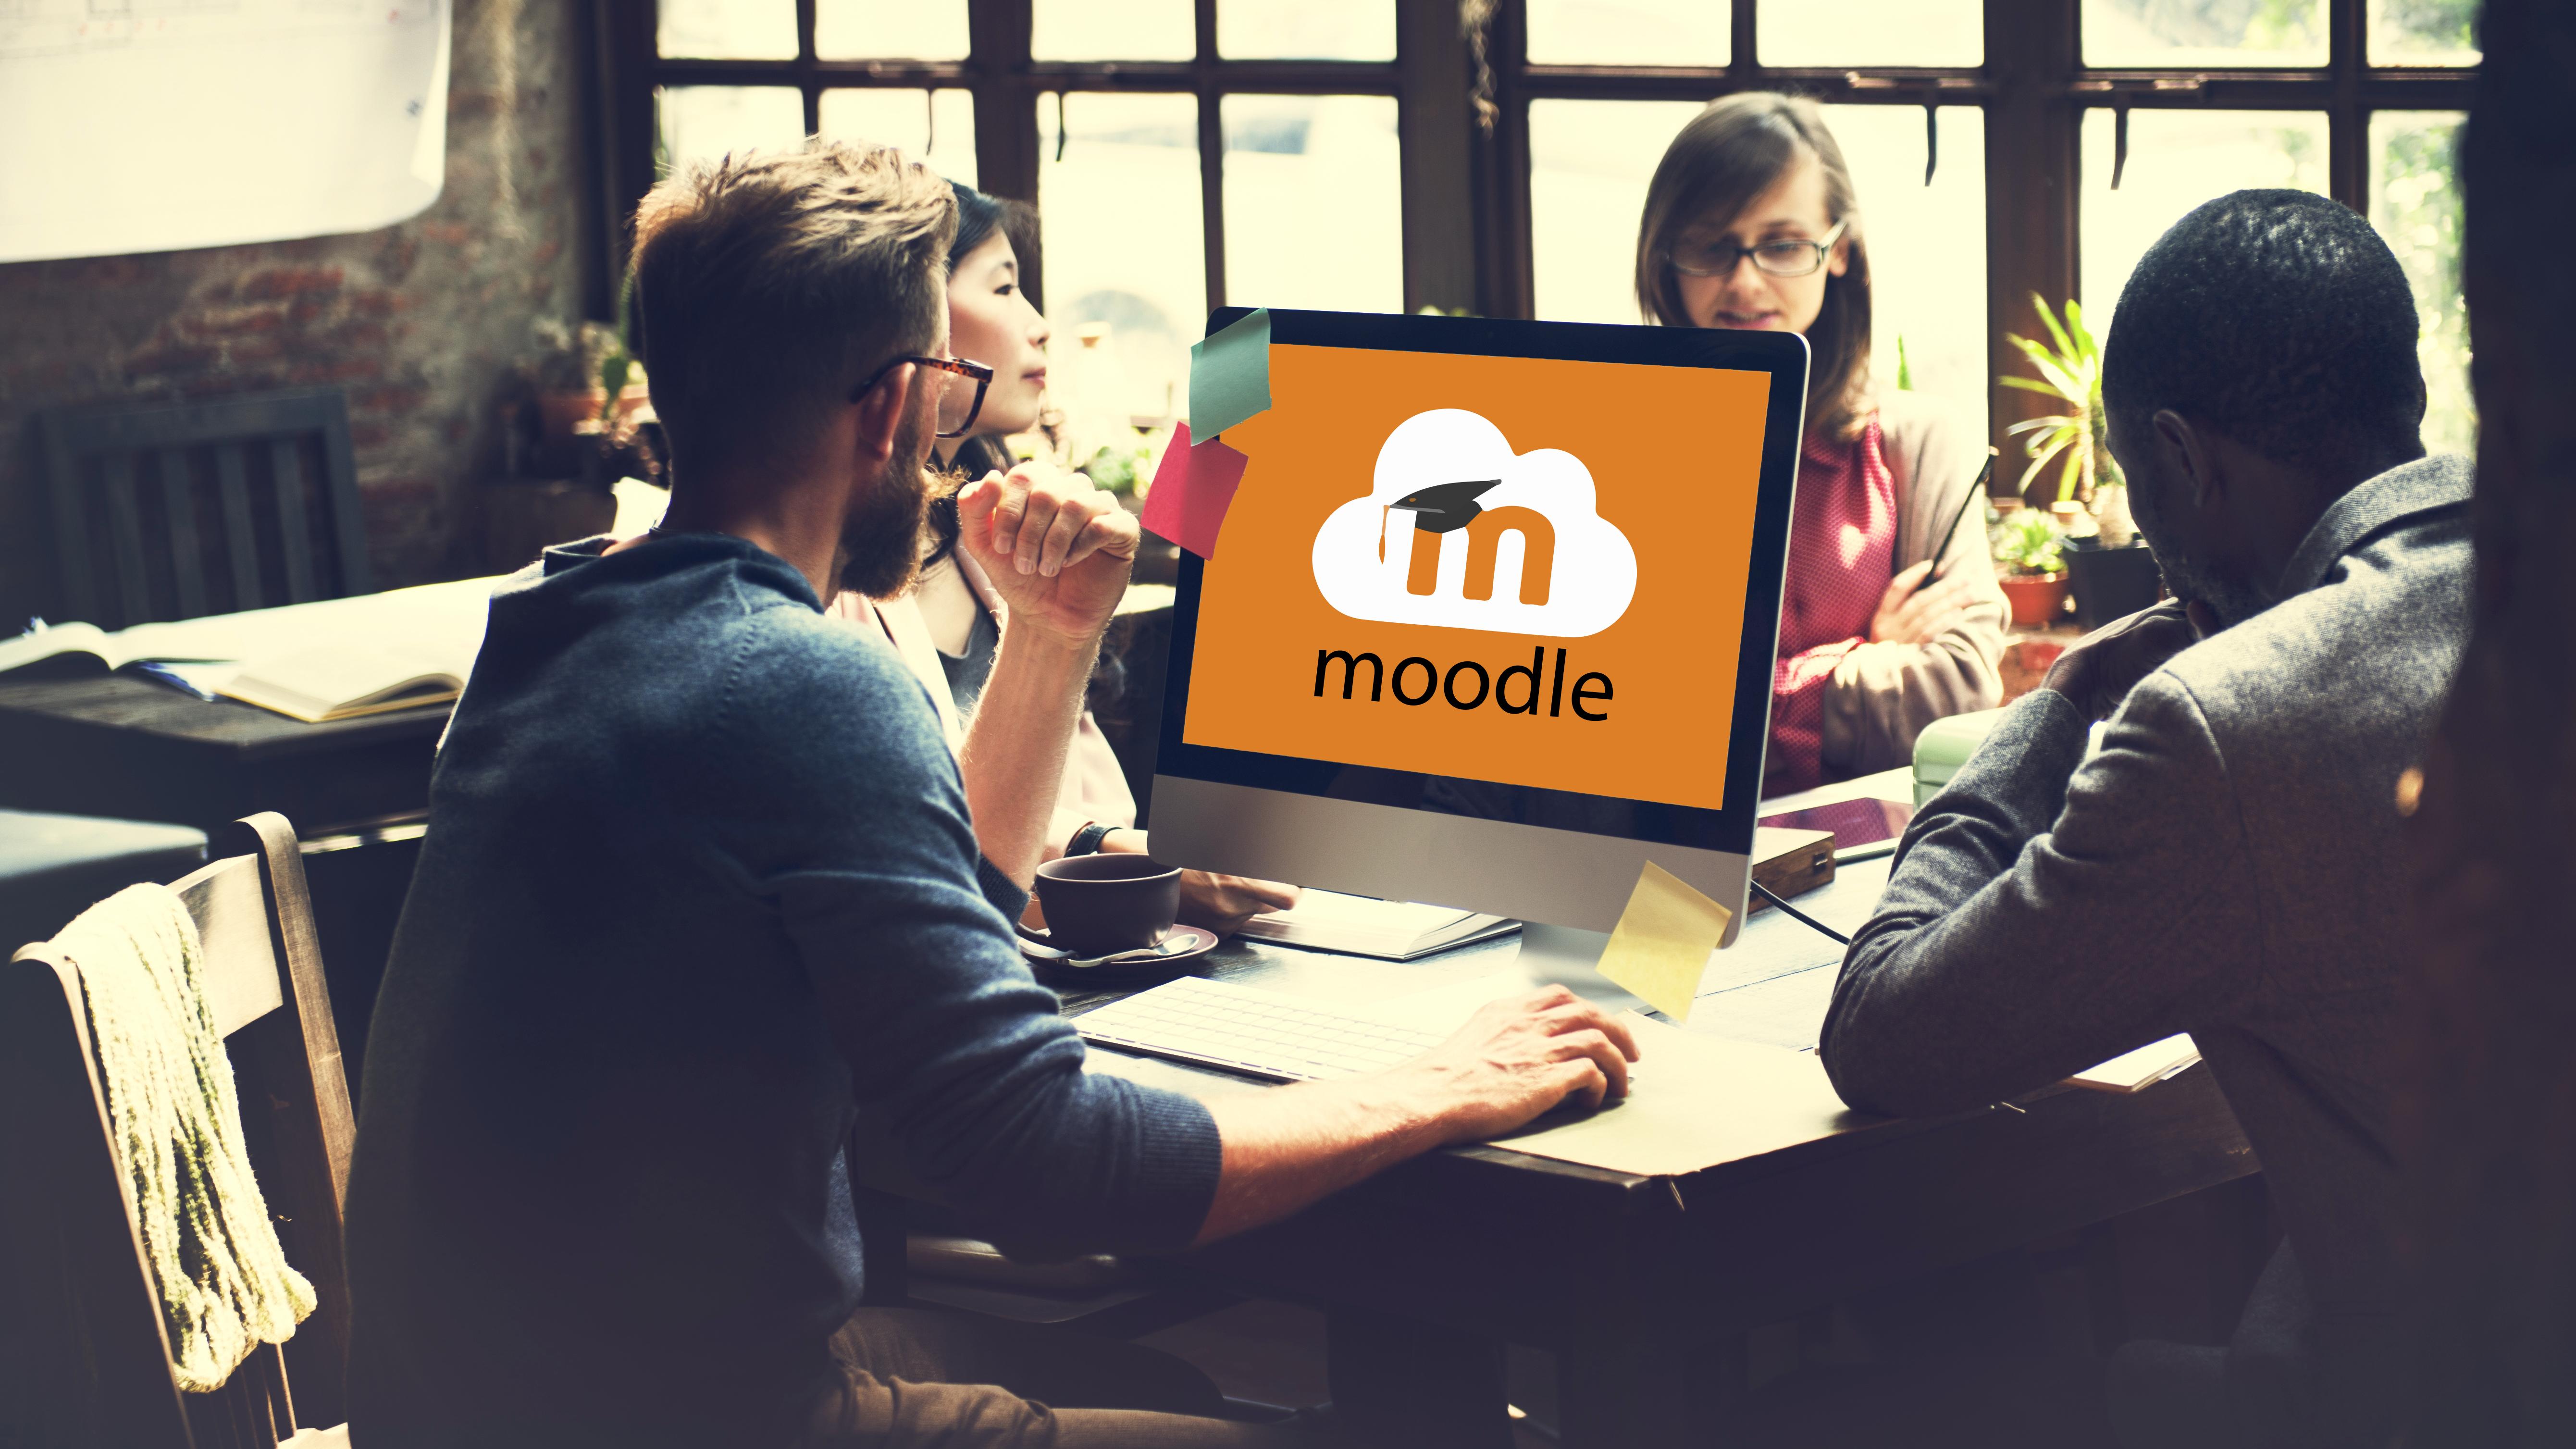 การสร้างระบบจัดการเรียนออนไลน์ด้วย Moodle